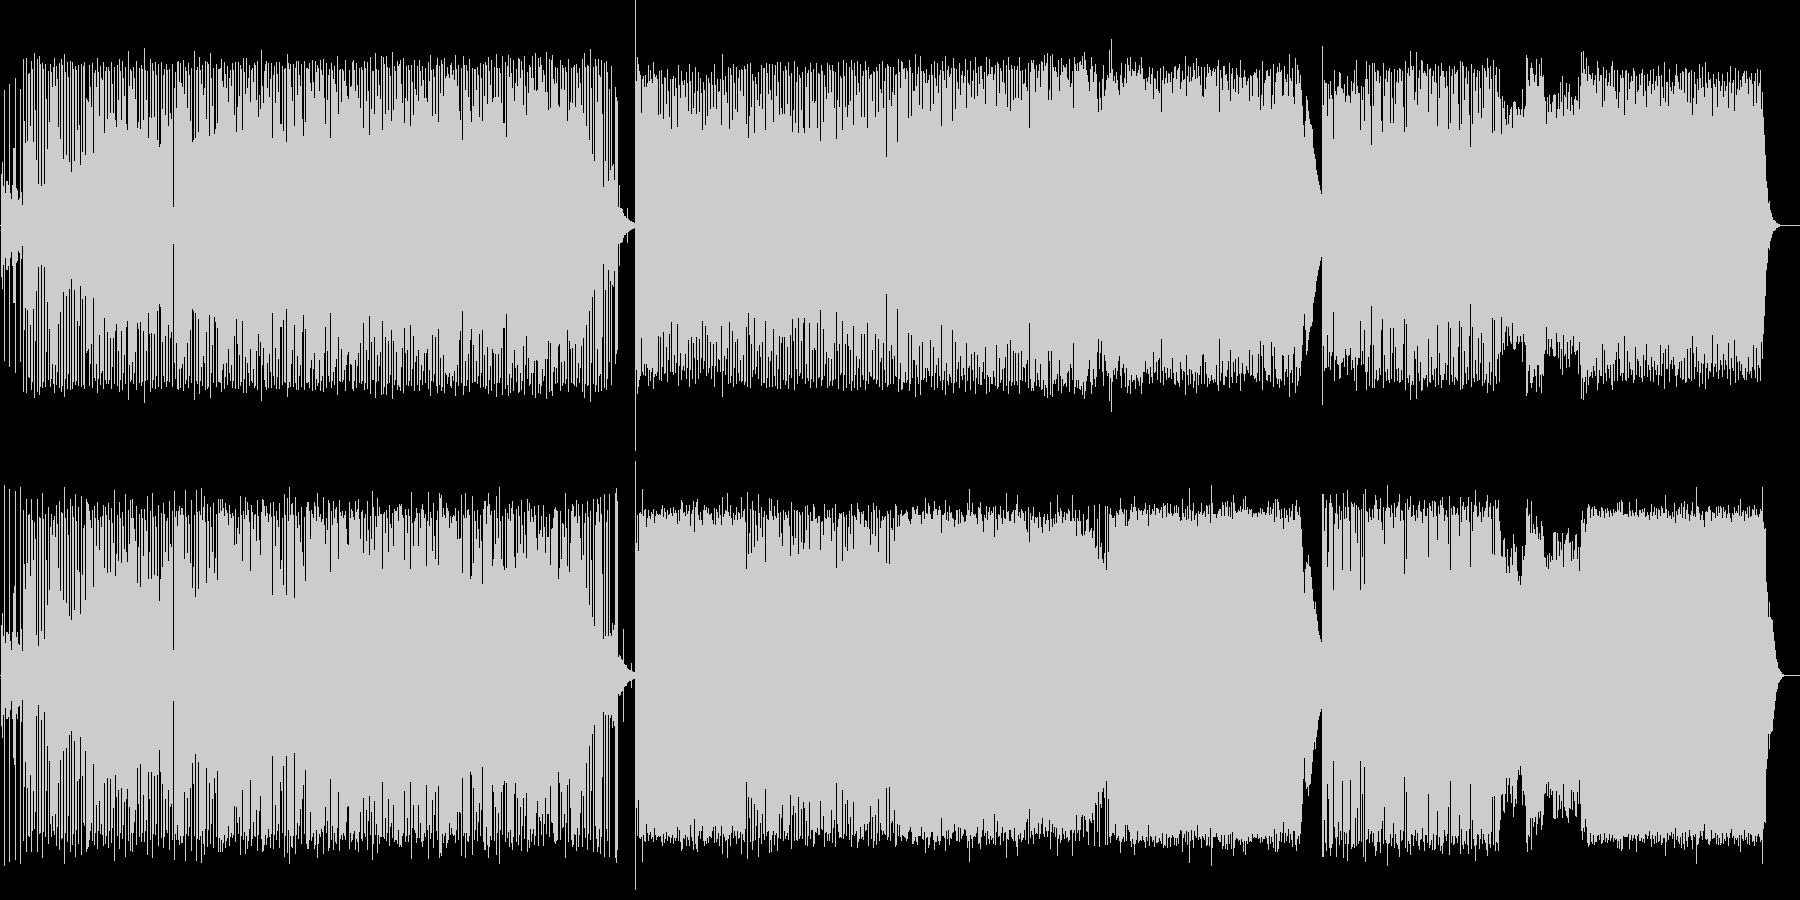 柔らかな幻想的サウンドの未再生の波形